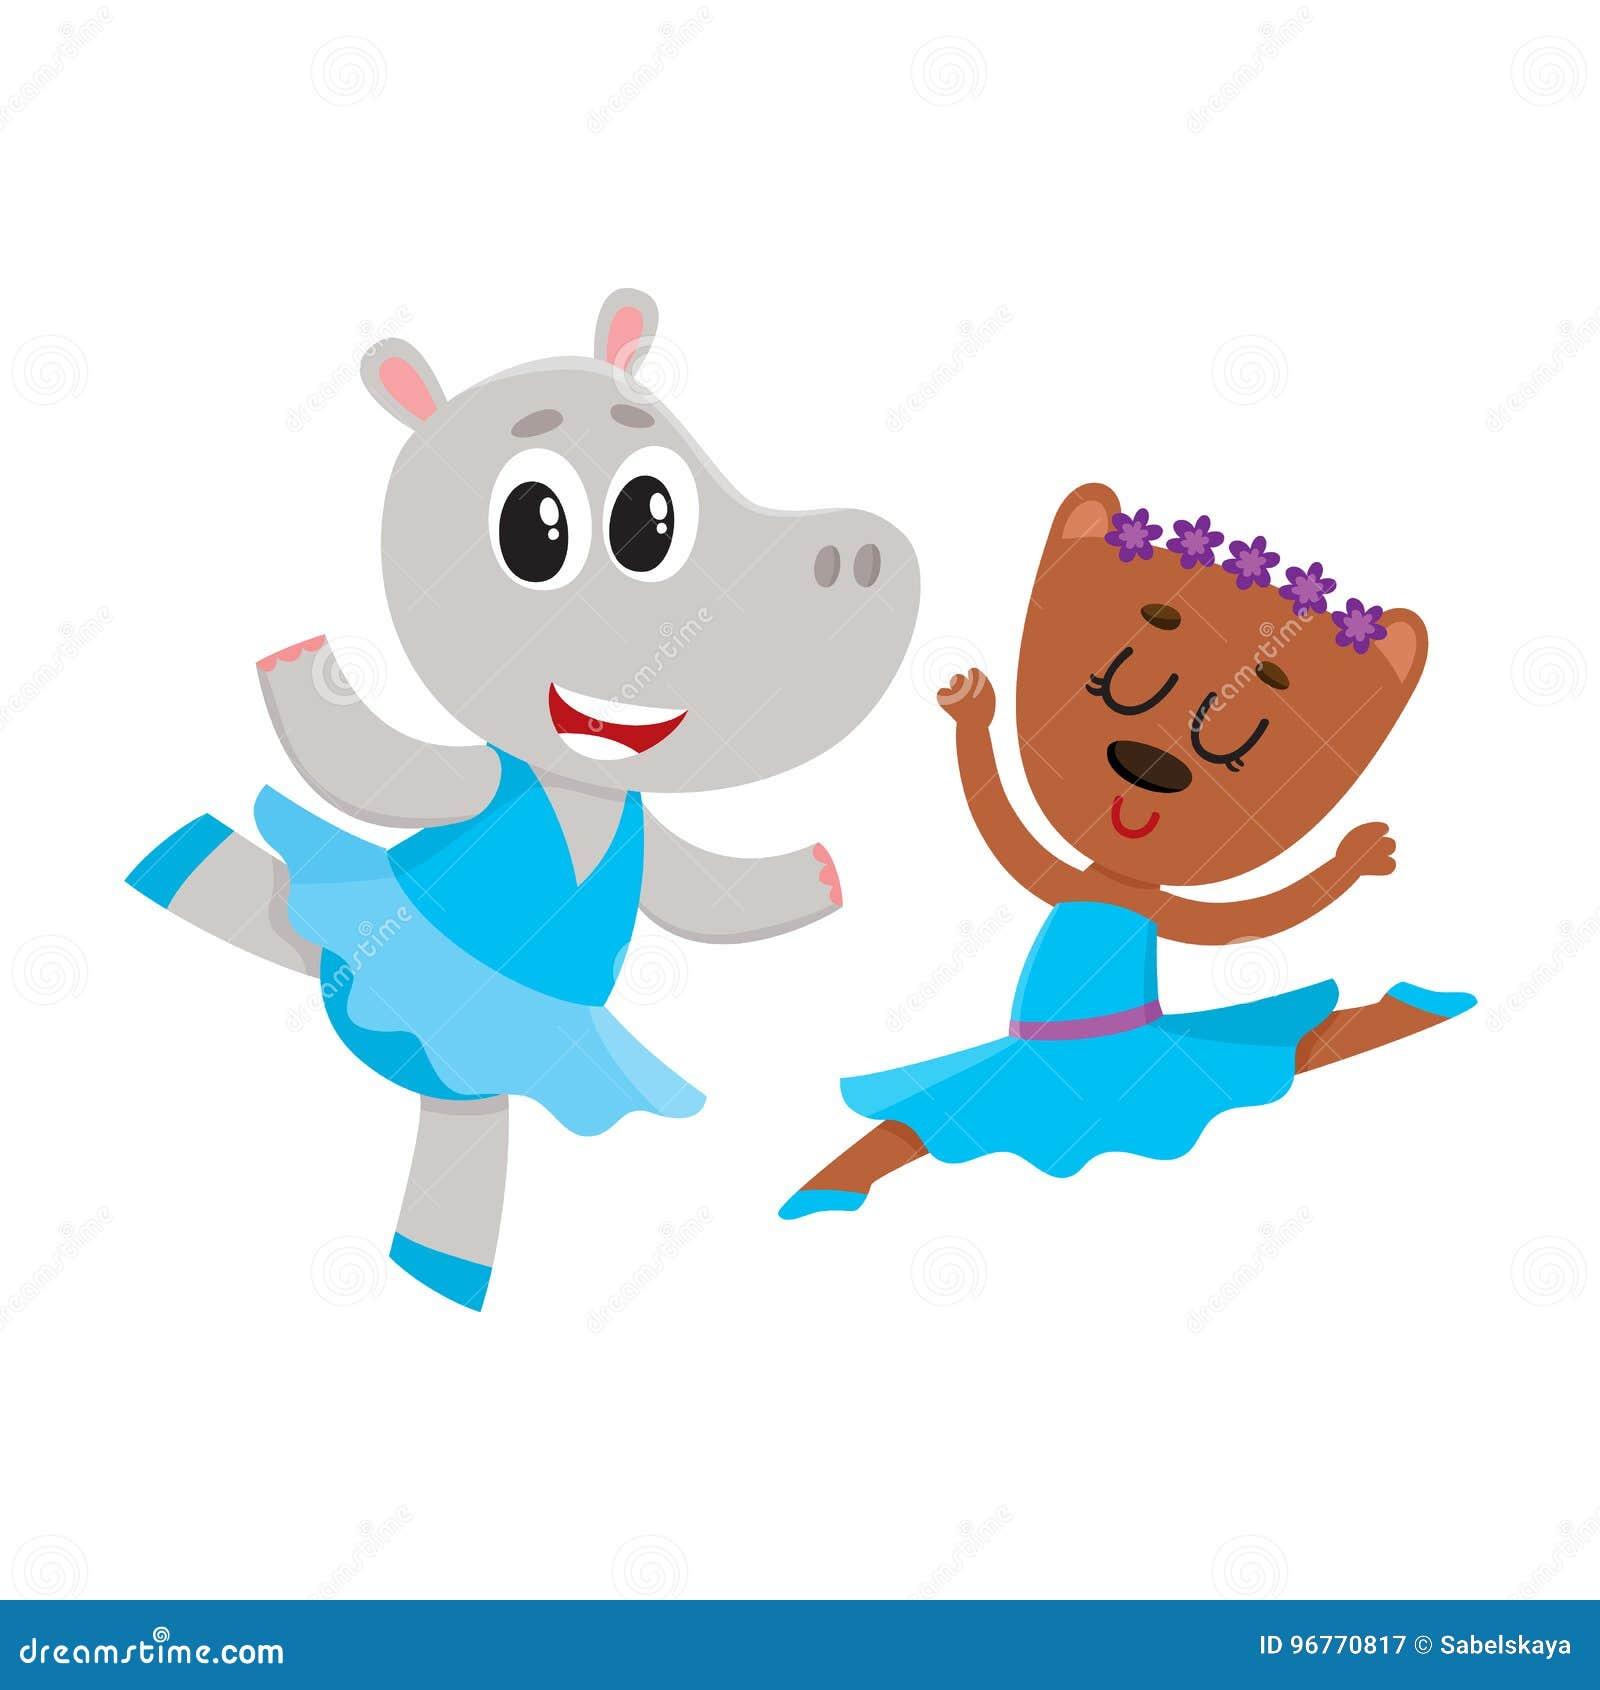 a6337f75c65 Το Hippo και αντέχουν, το μπαλέτο χορού χαρακτήρων κουταβιών και γατακιών  από κοινού